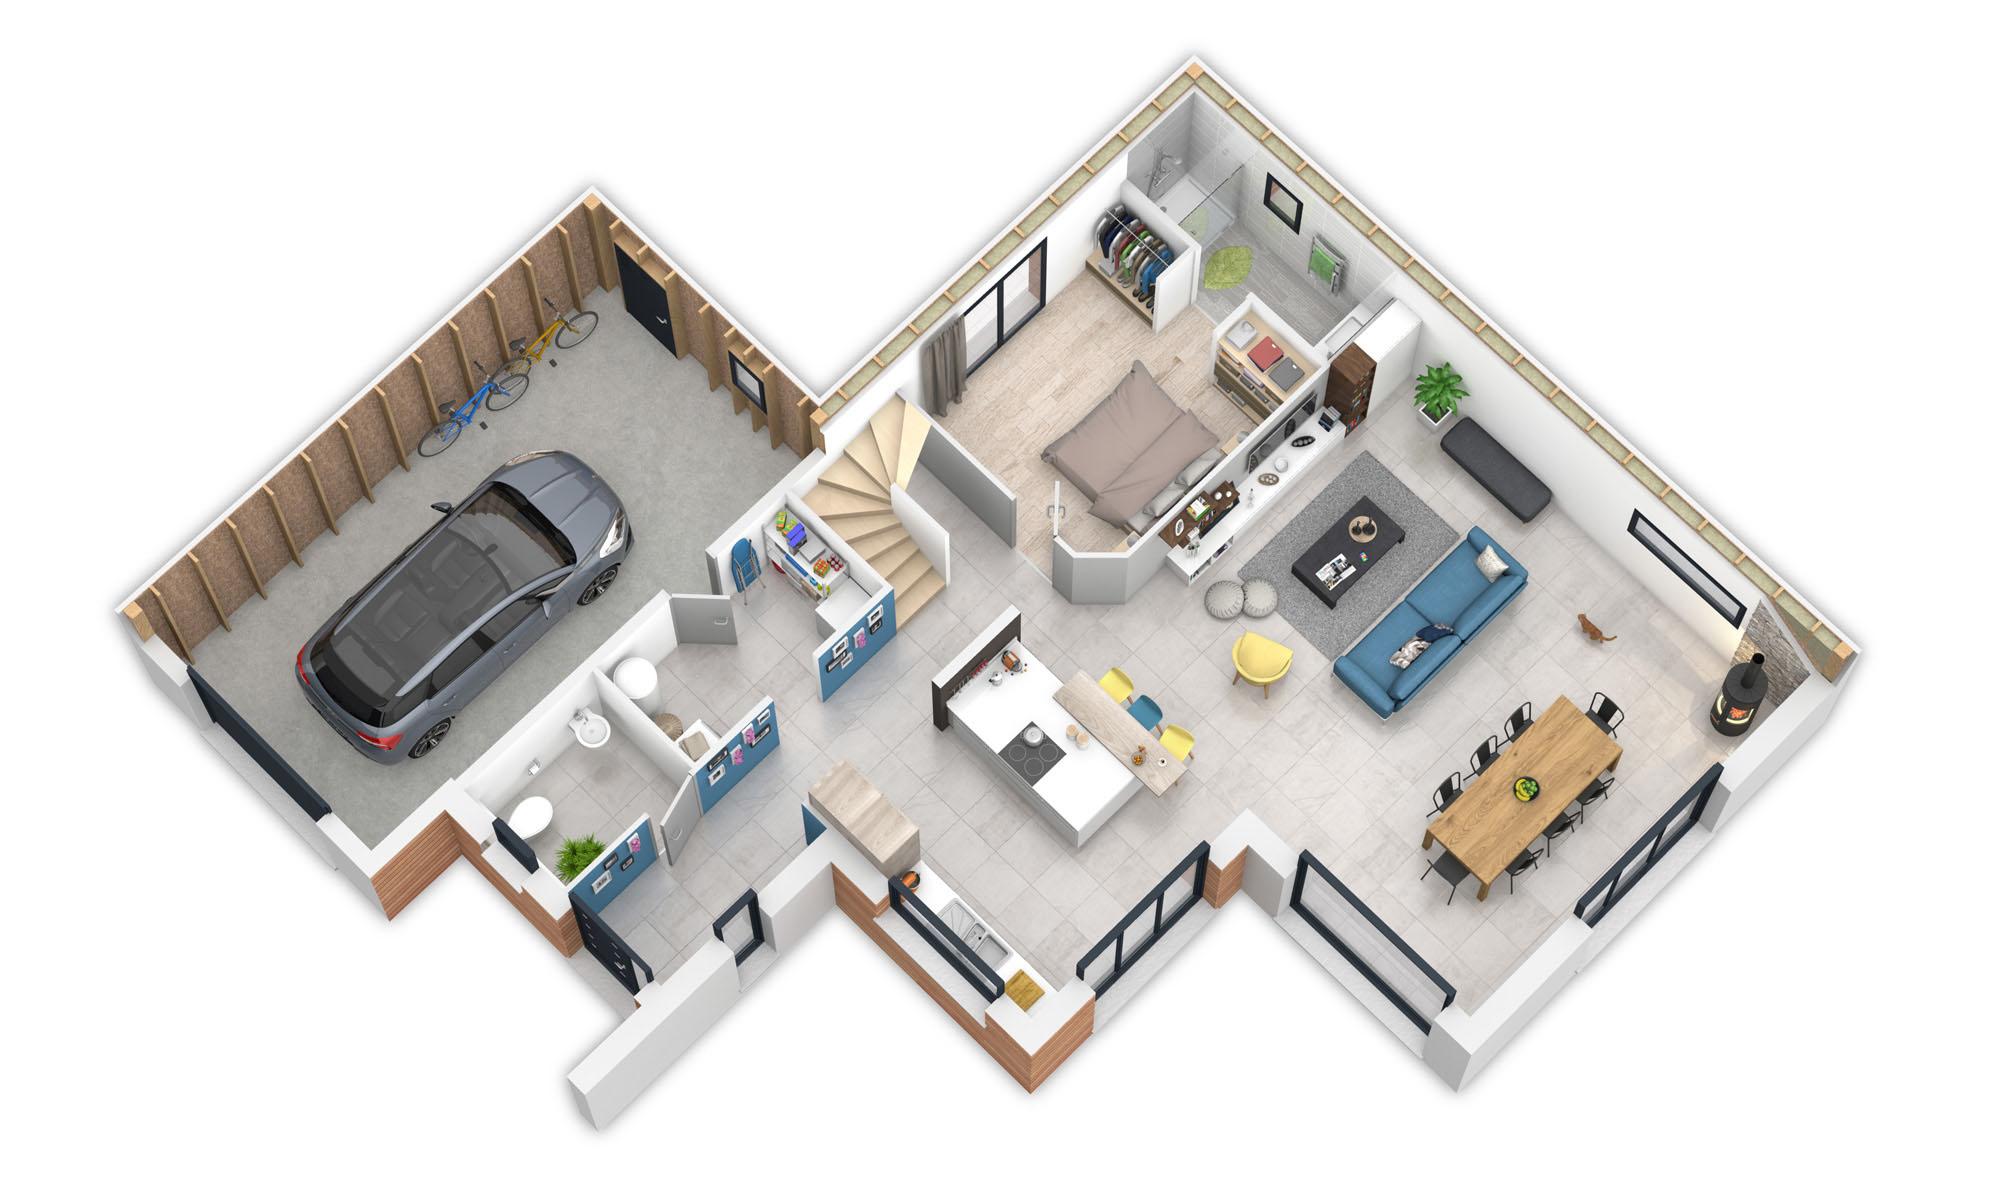 Offre du mois offrez vous une maison bepos natilia for Plan interieur maison en d